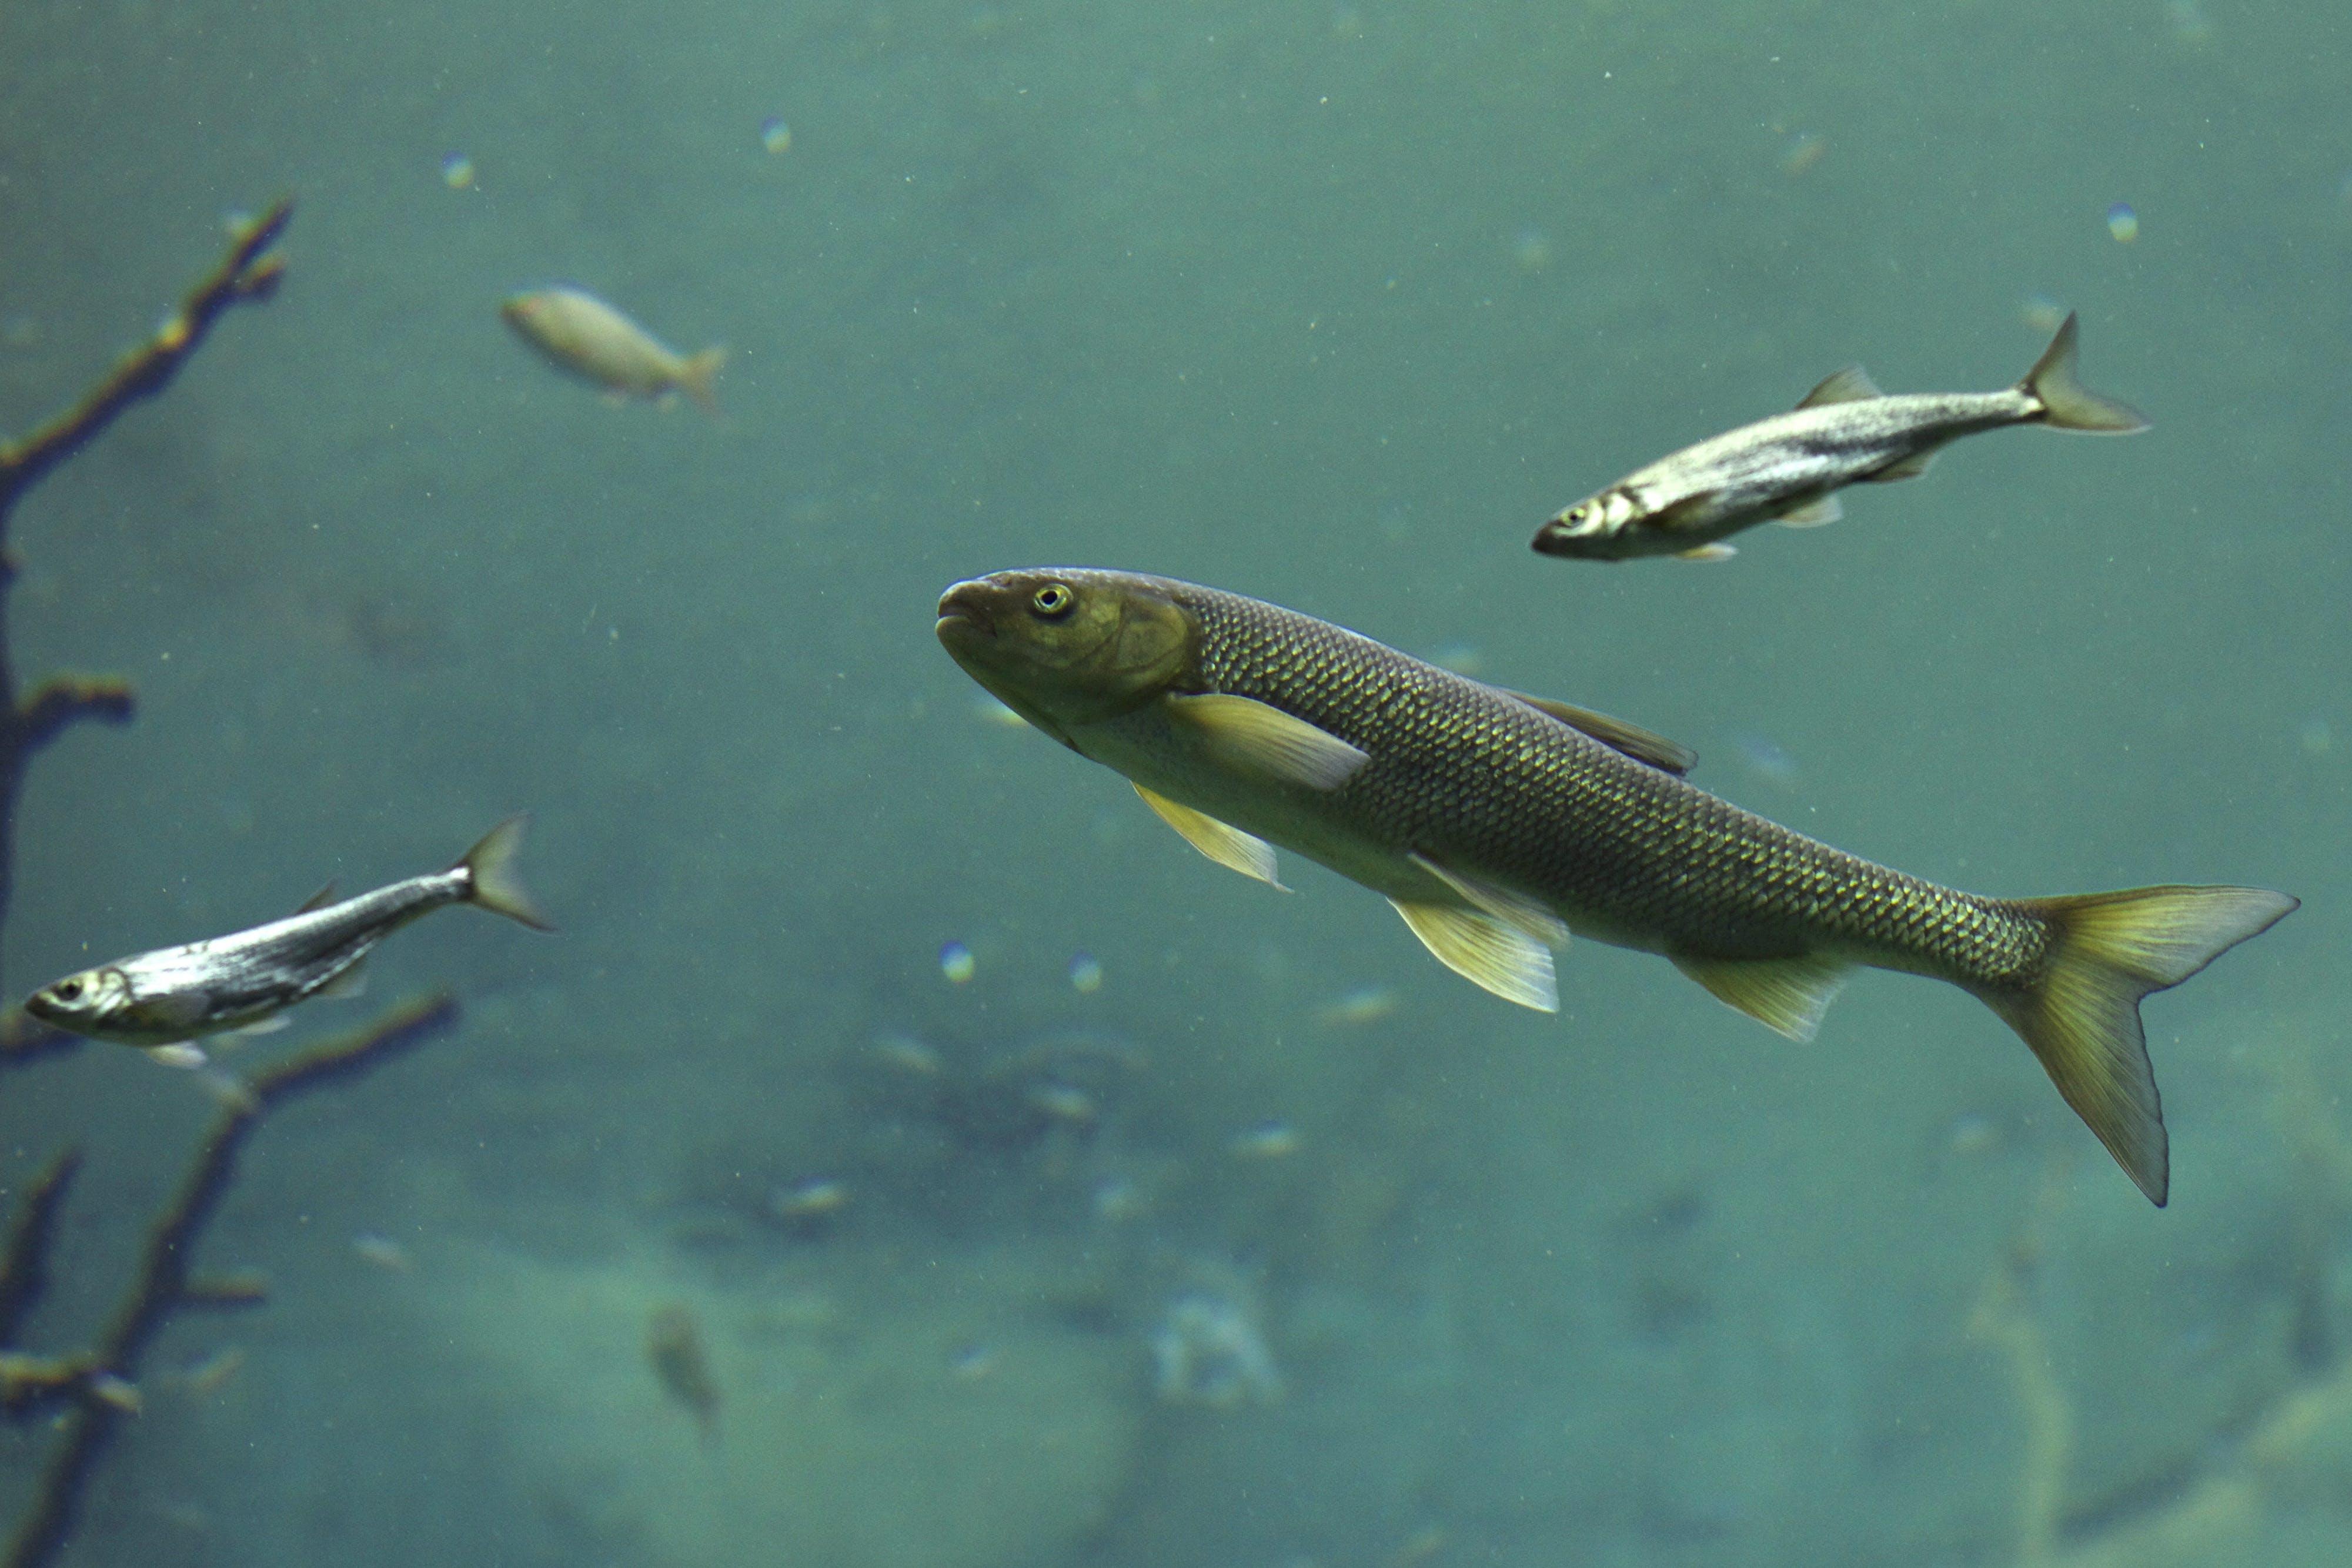 Free stock photo of aquarium, diving, fish, lake